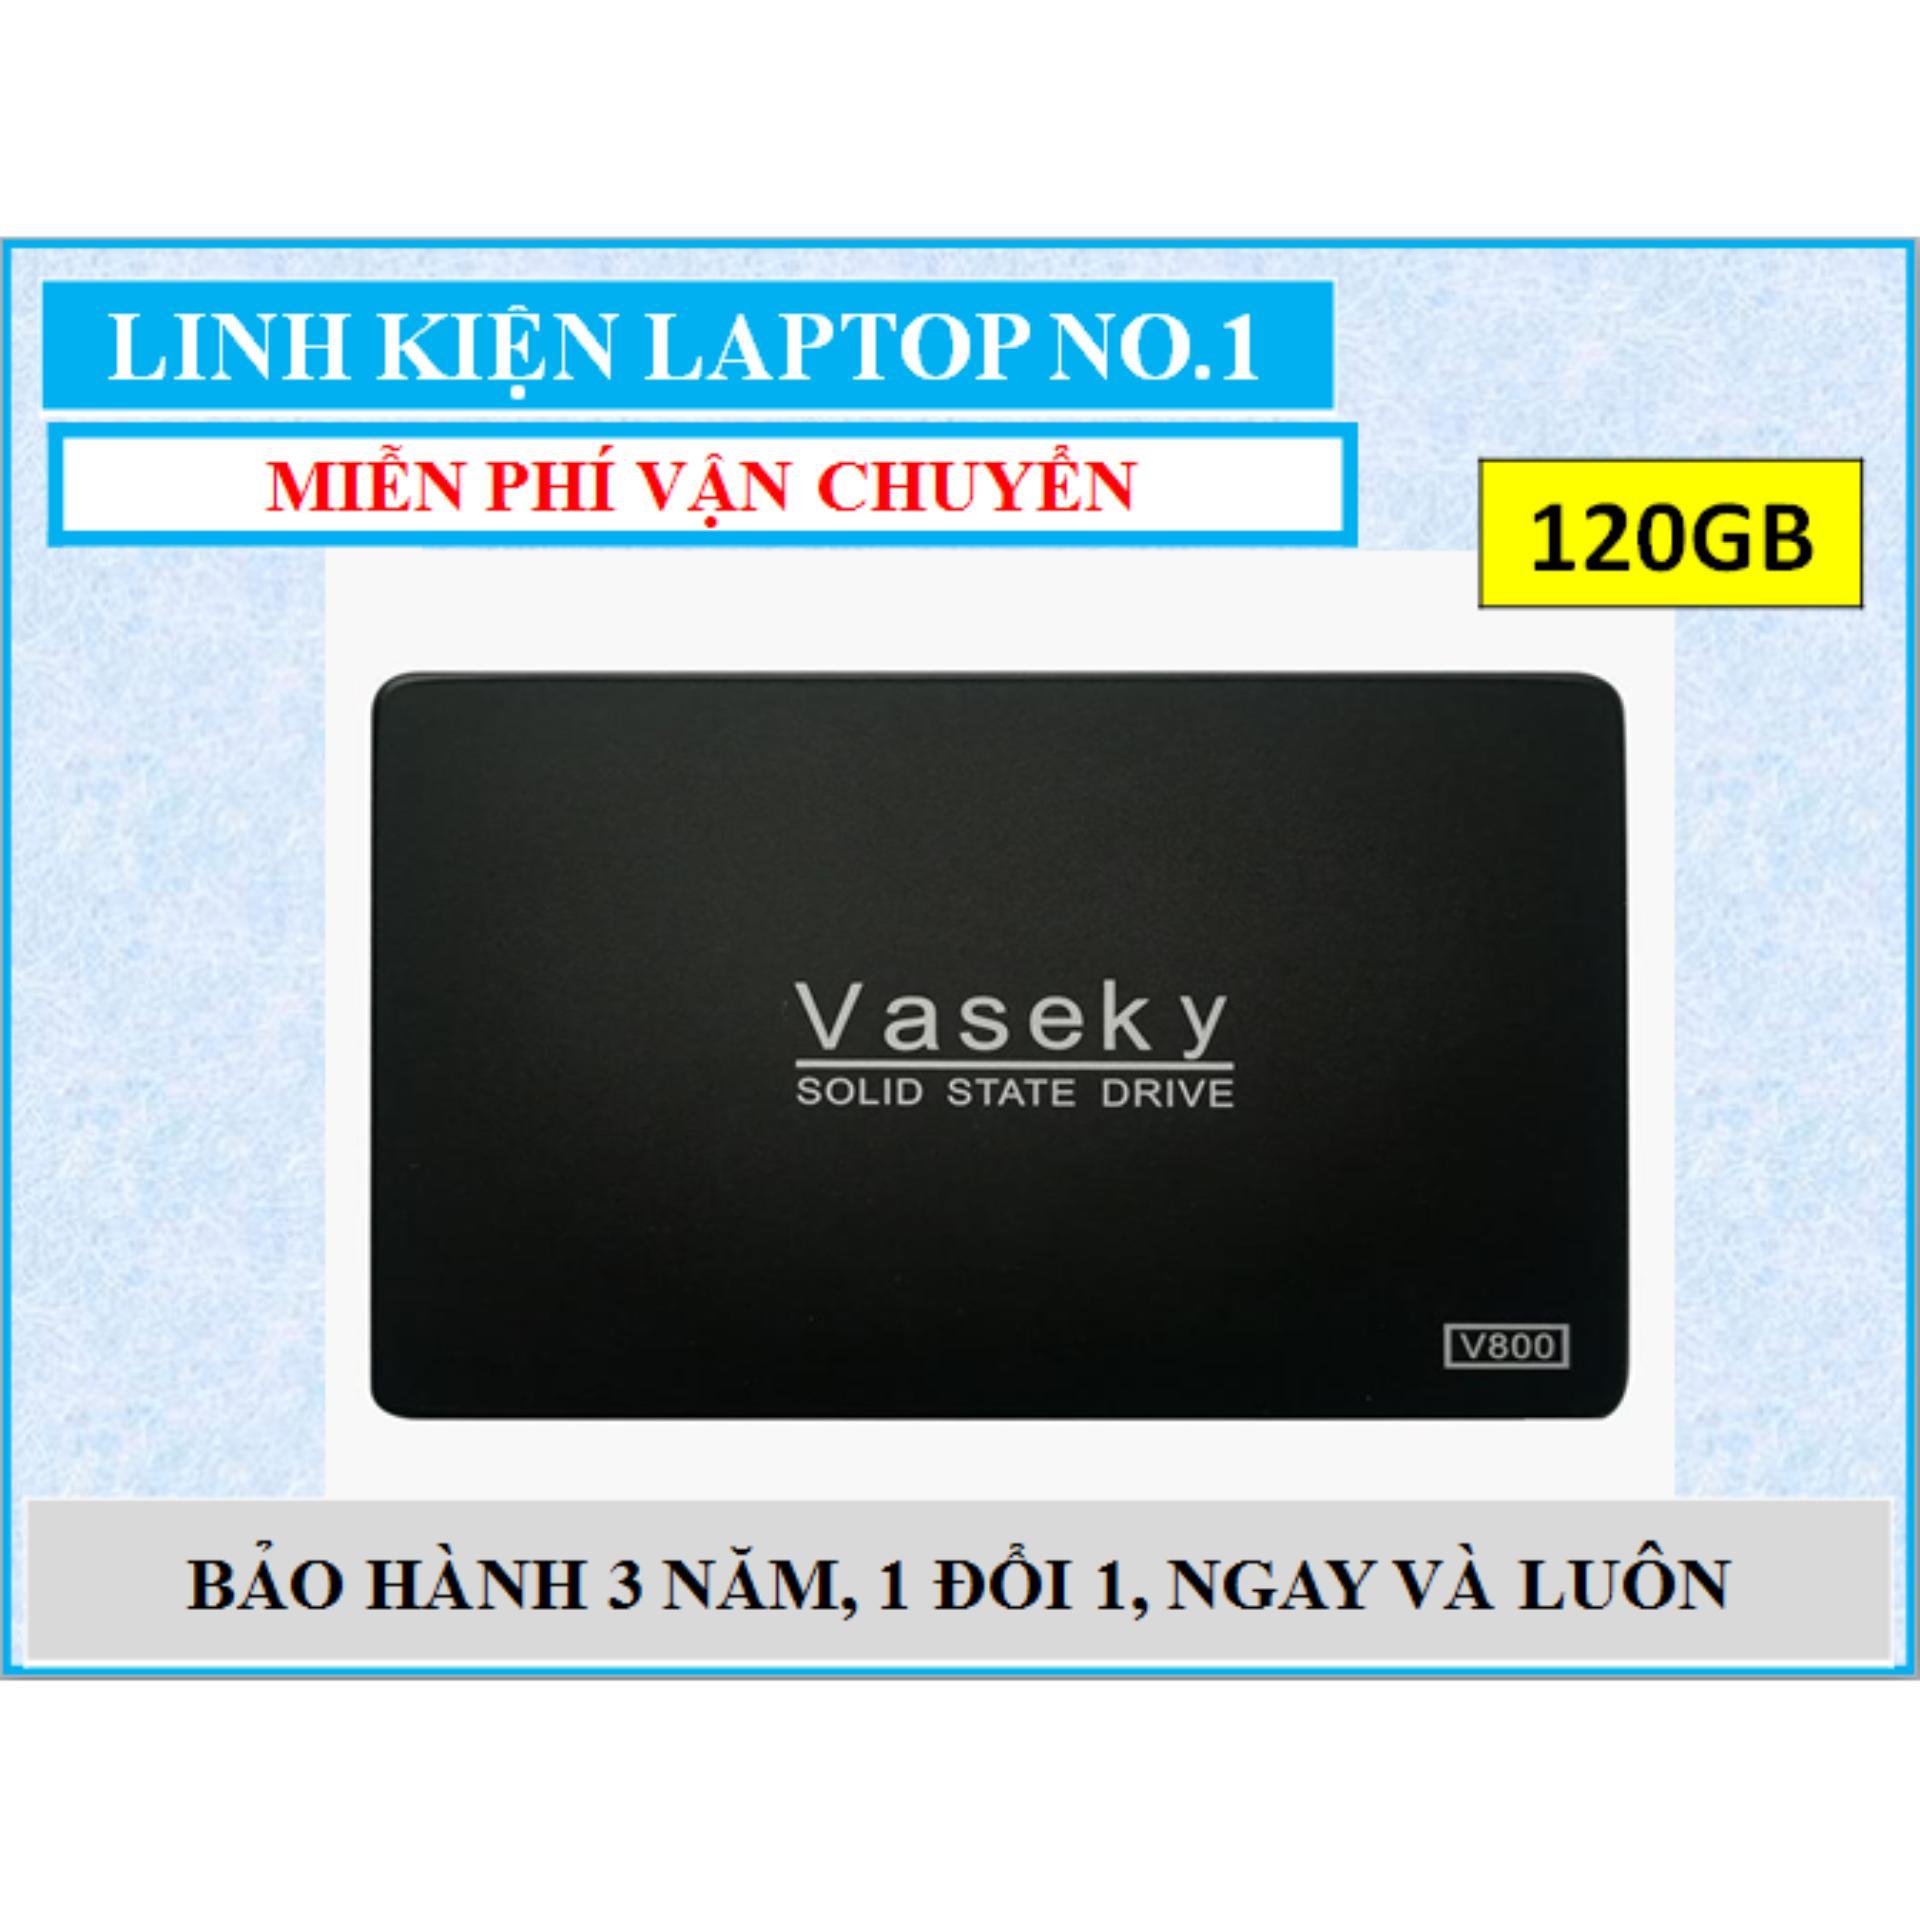 Hình ảnh Ổ cứng SSD 2.5 inch Vaseky V800 120GB